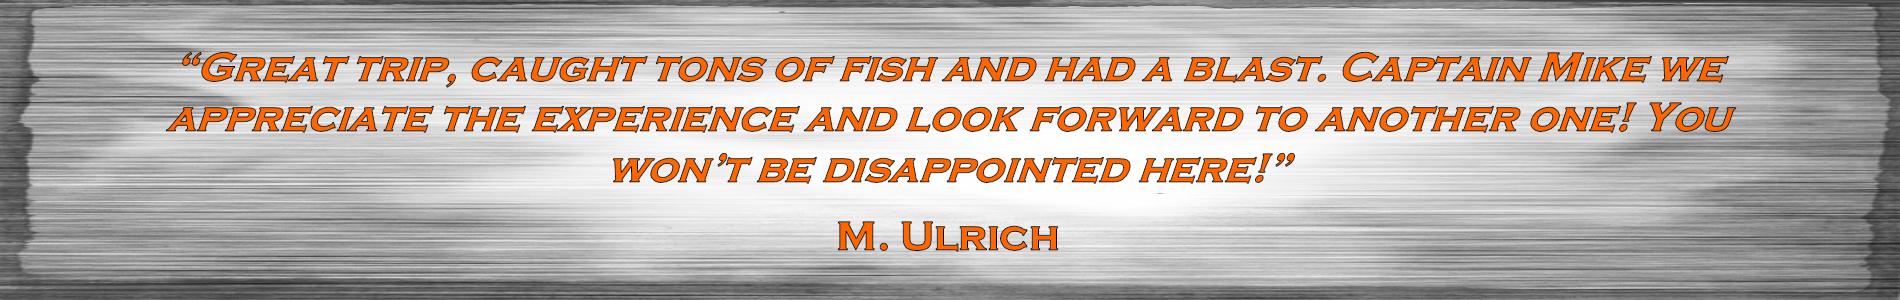 Ulrich_Testimonial